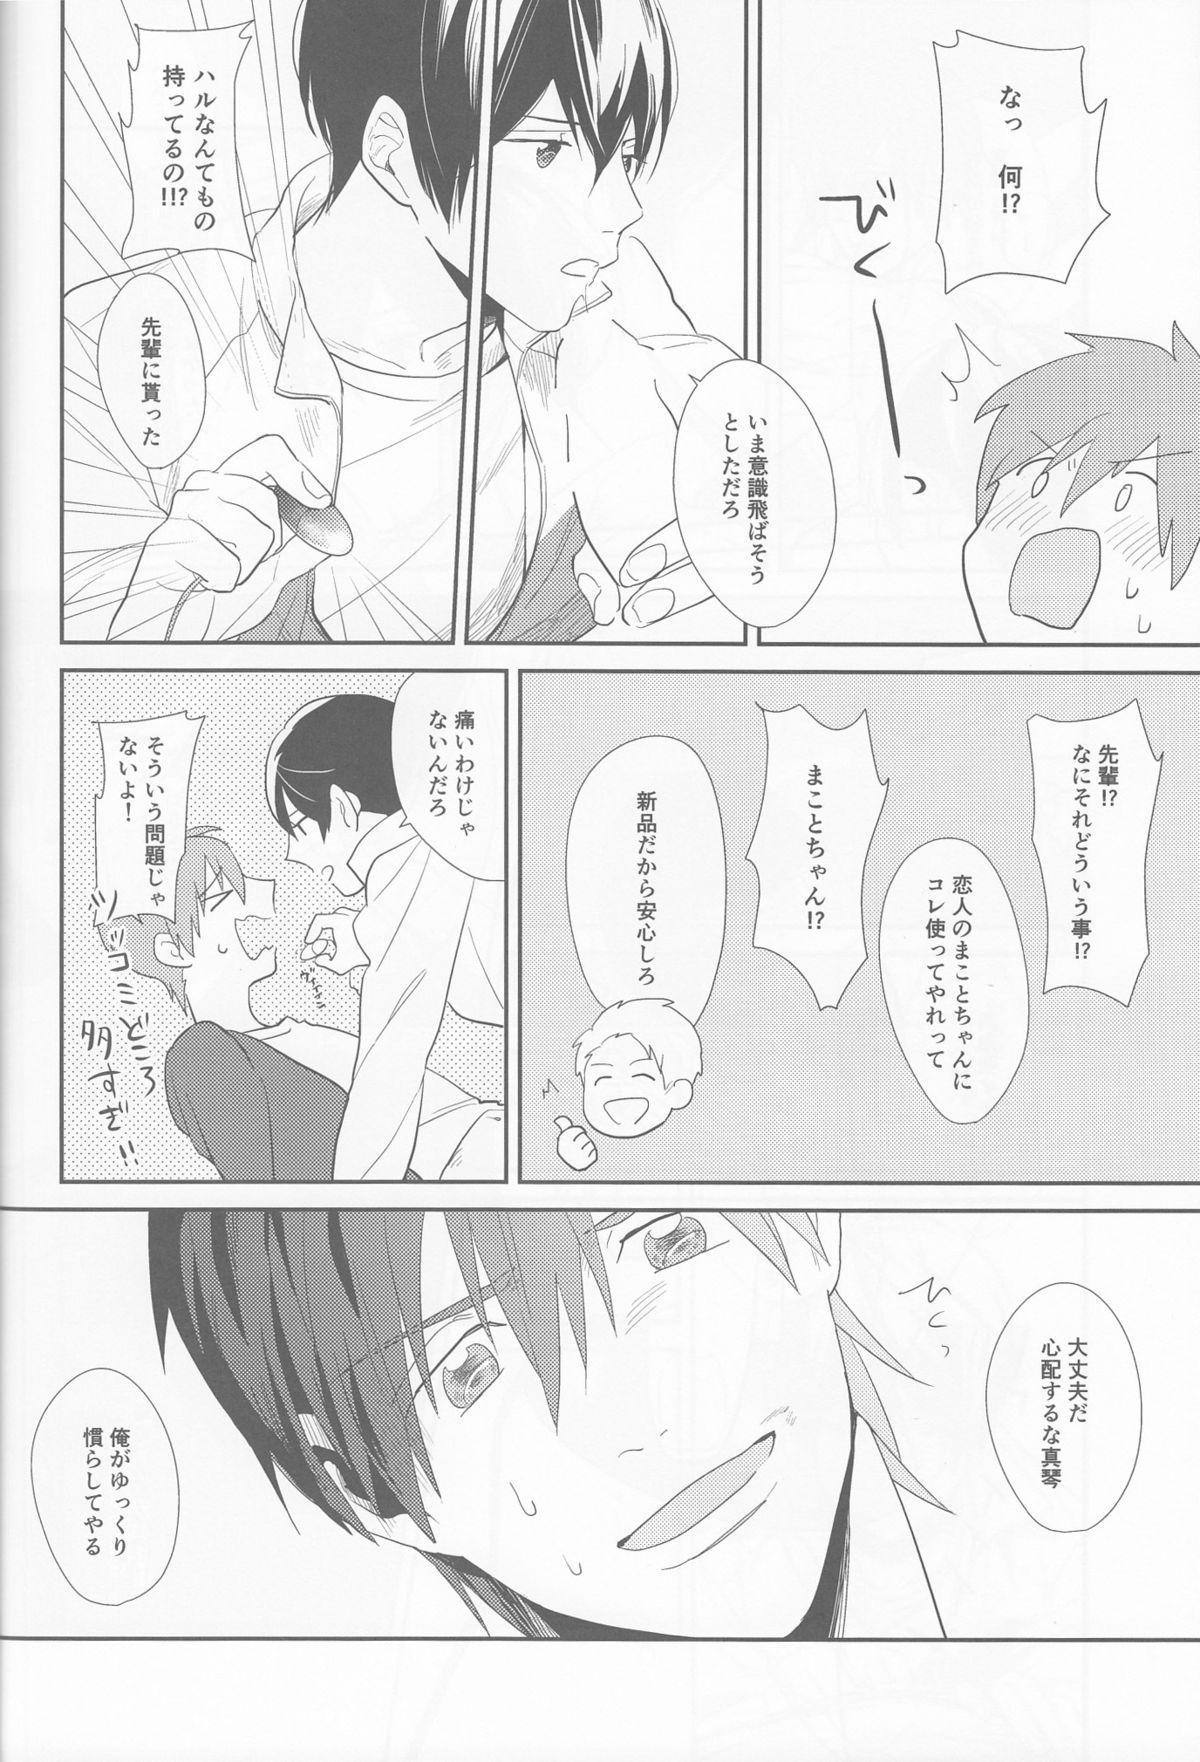 Aishiaouyo 14